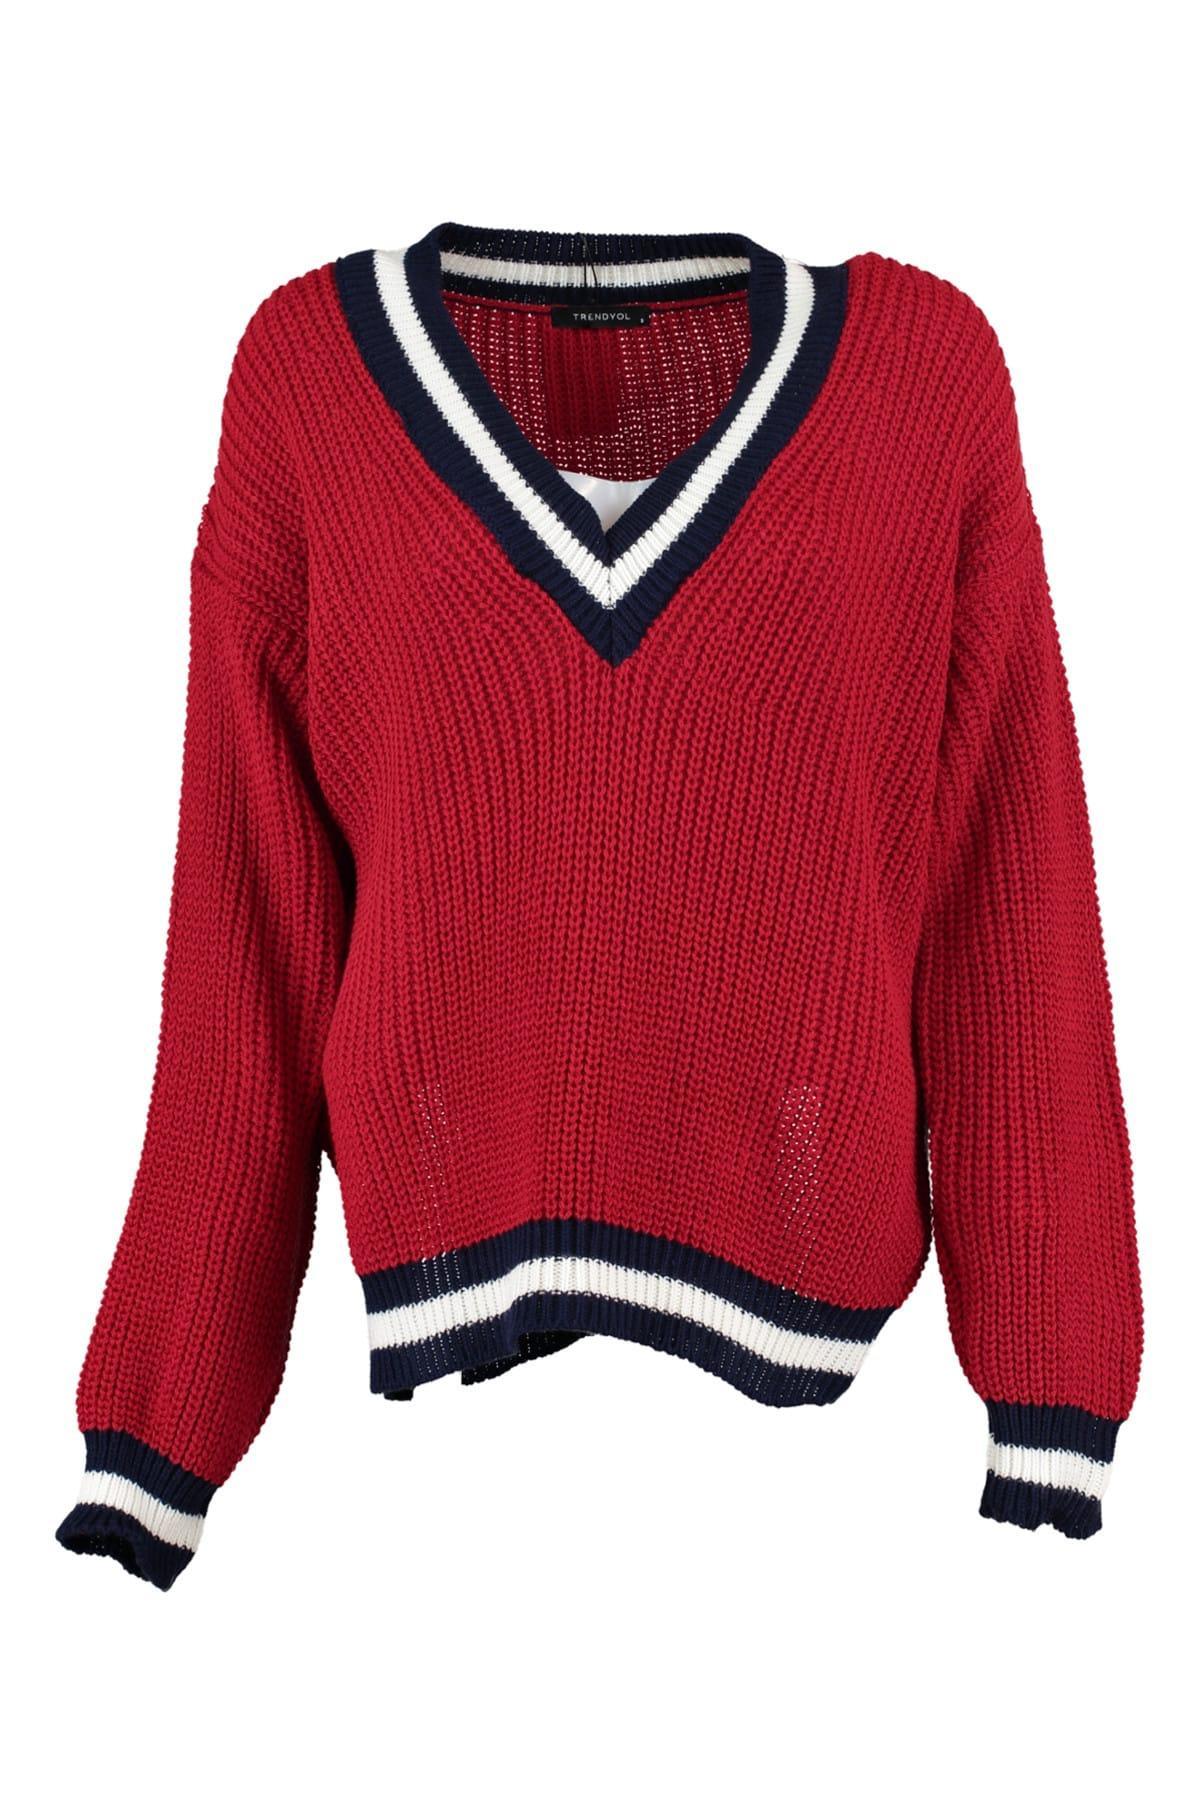 Trendyol WOMEN-Red Ribana Detayl? Knitwear Sweater TWOAW20FV0060